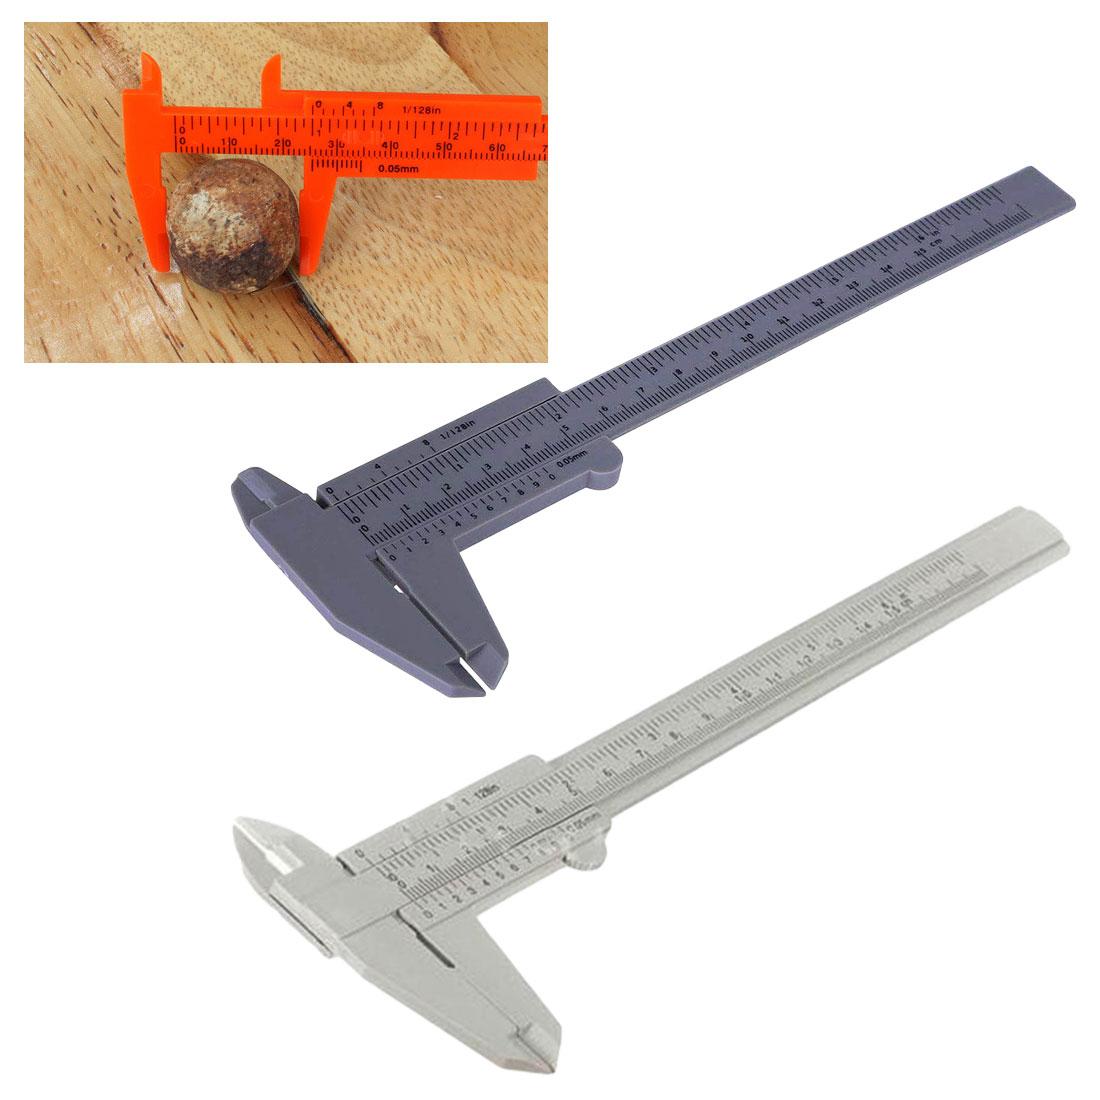 Рабочая модель сантехники, инструмент для измерения глубины отверстия DIY инструмент деревообрабатывающий металлический штангенциркуль ...